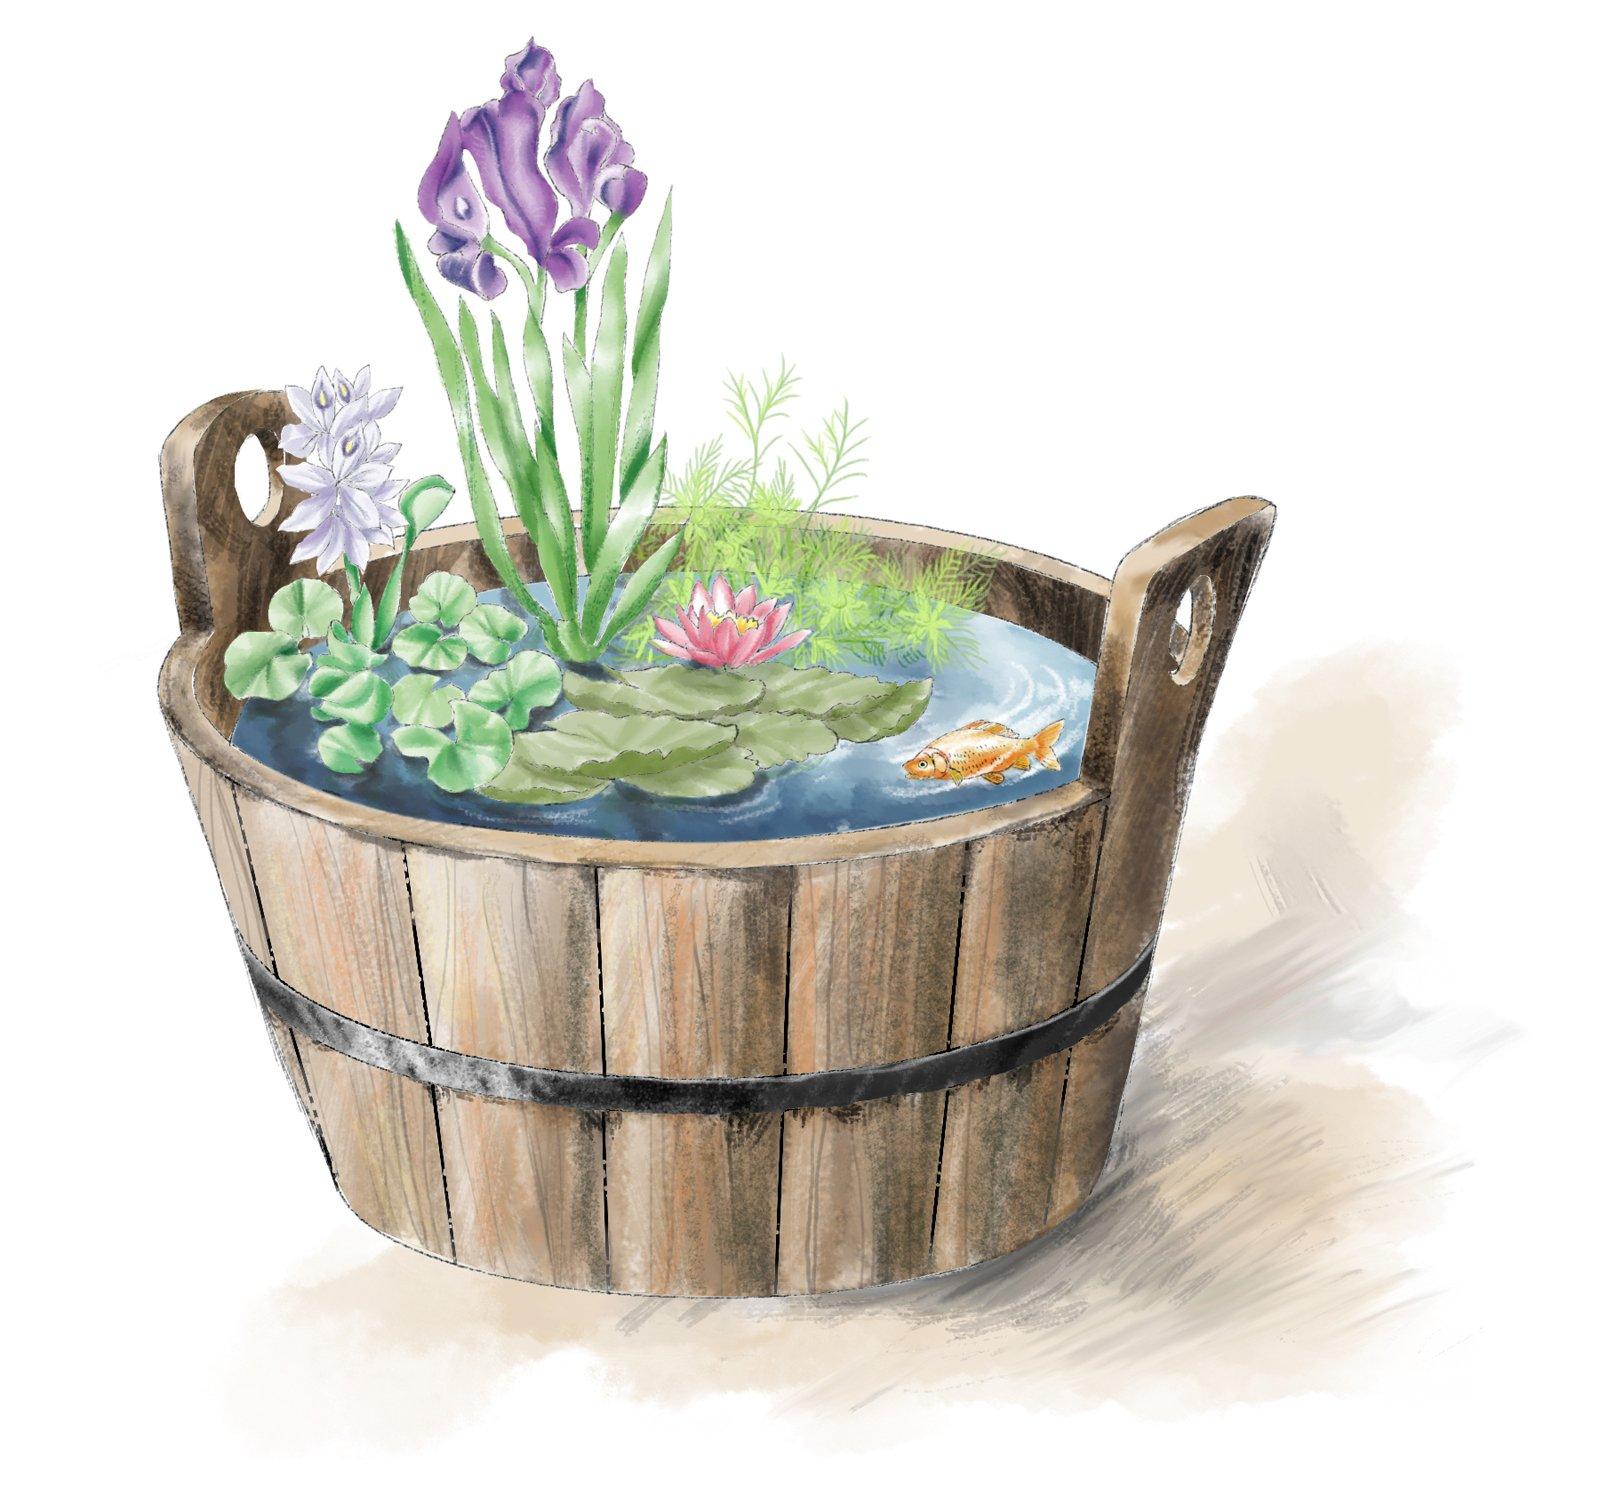 Piante Acquatiche Vendita : Un mastello di piante acquatiche cose casa